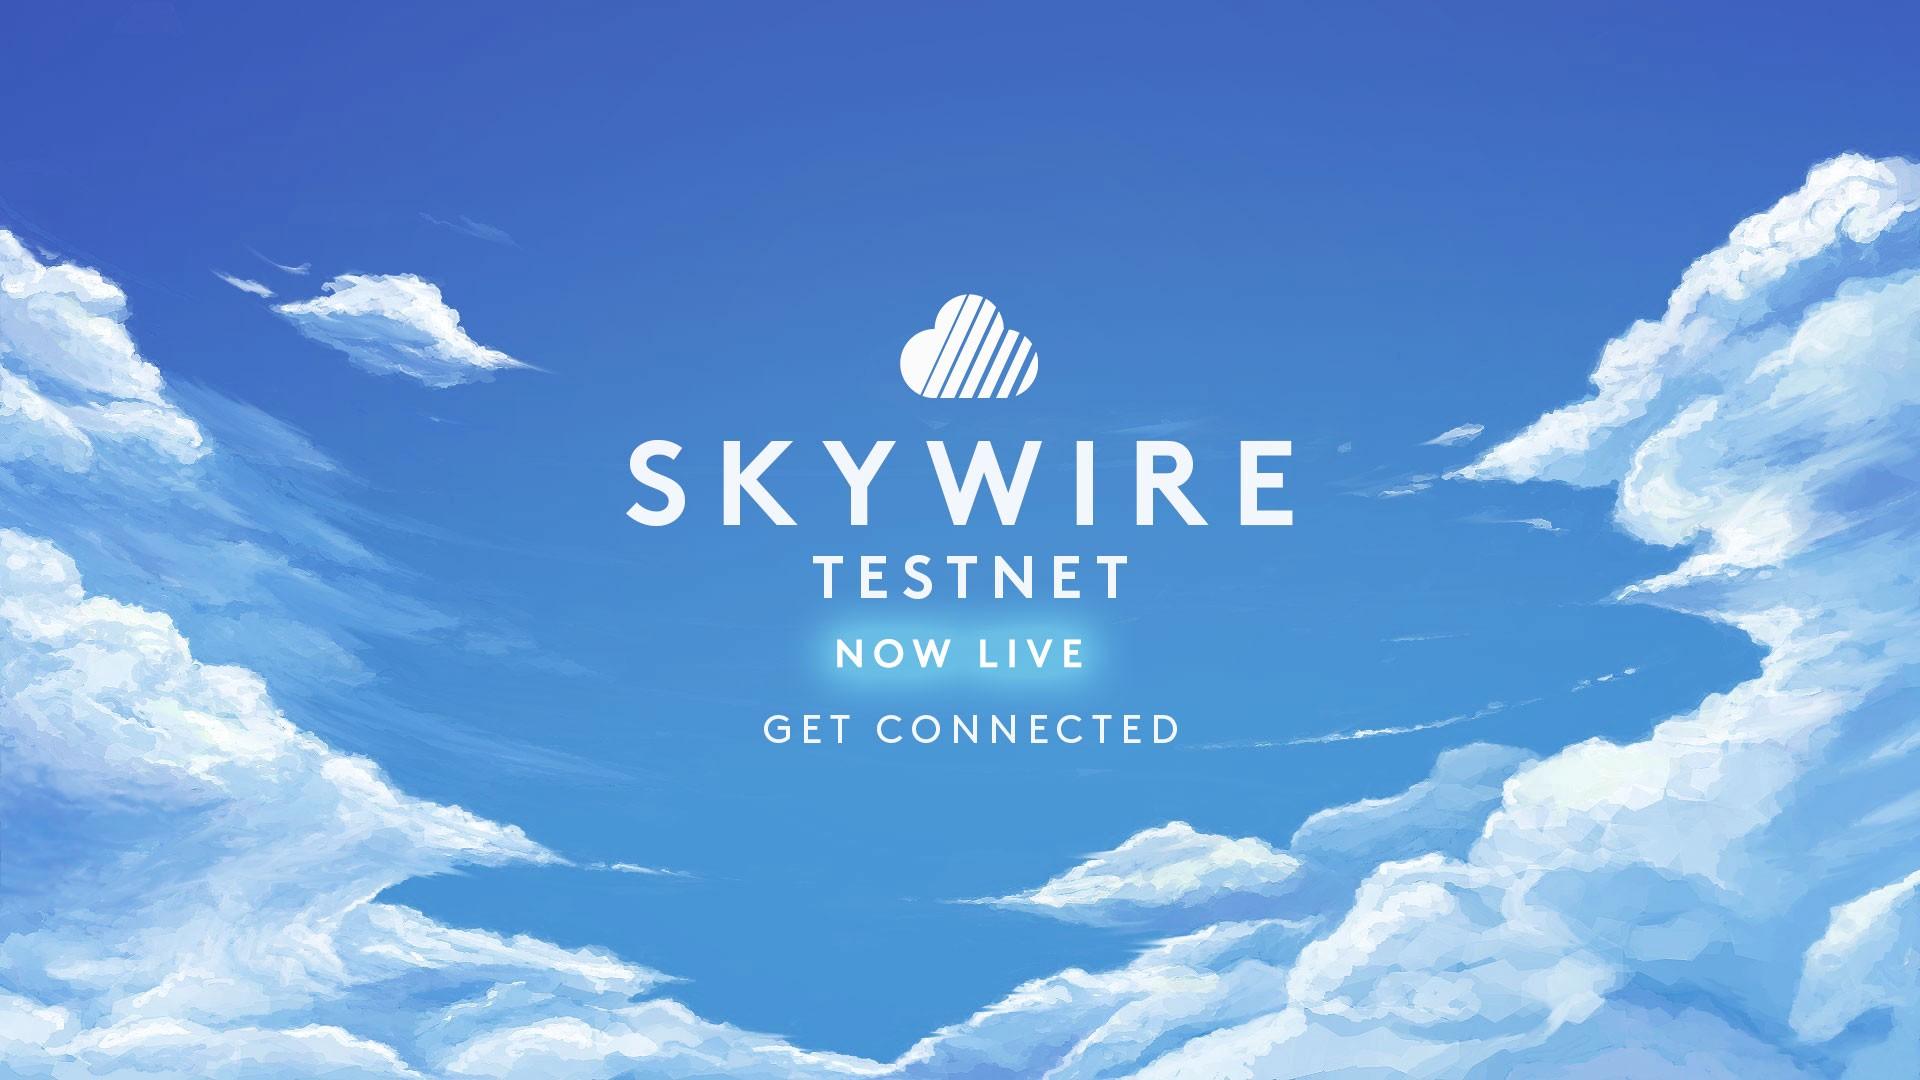 Skycoin(スカイコイン) Skywire テストネット